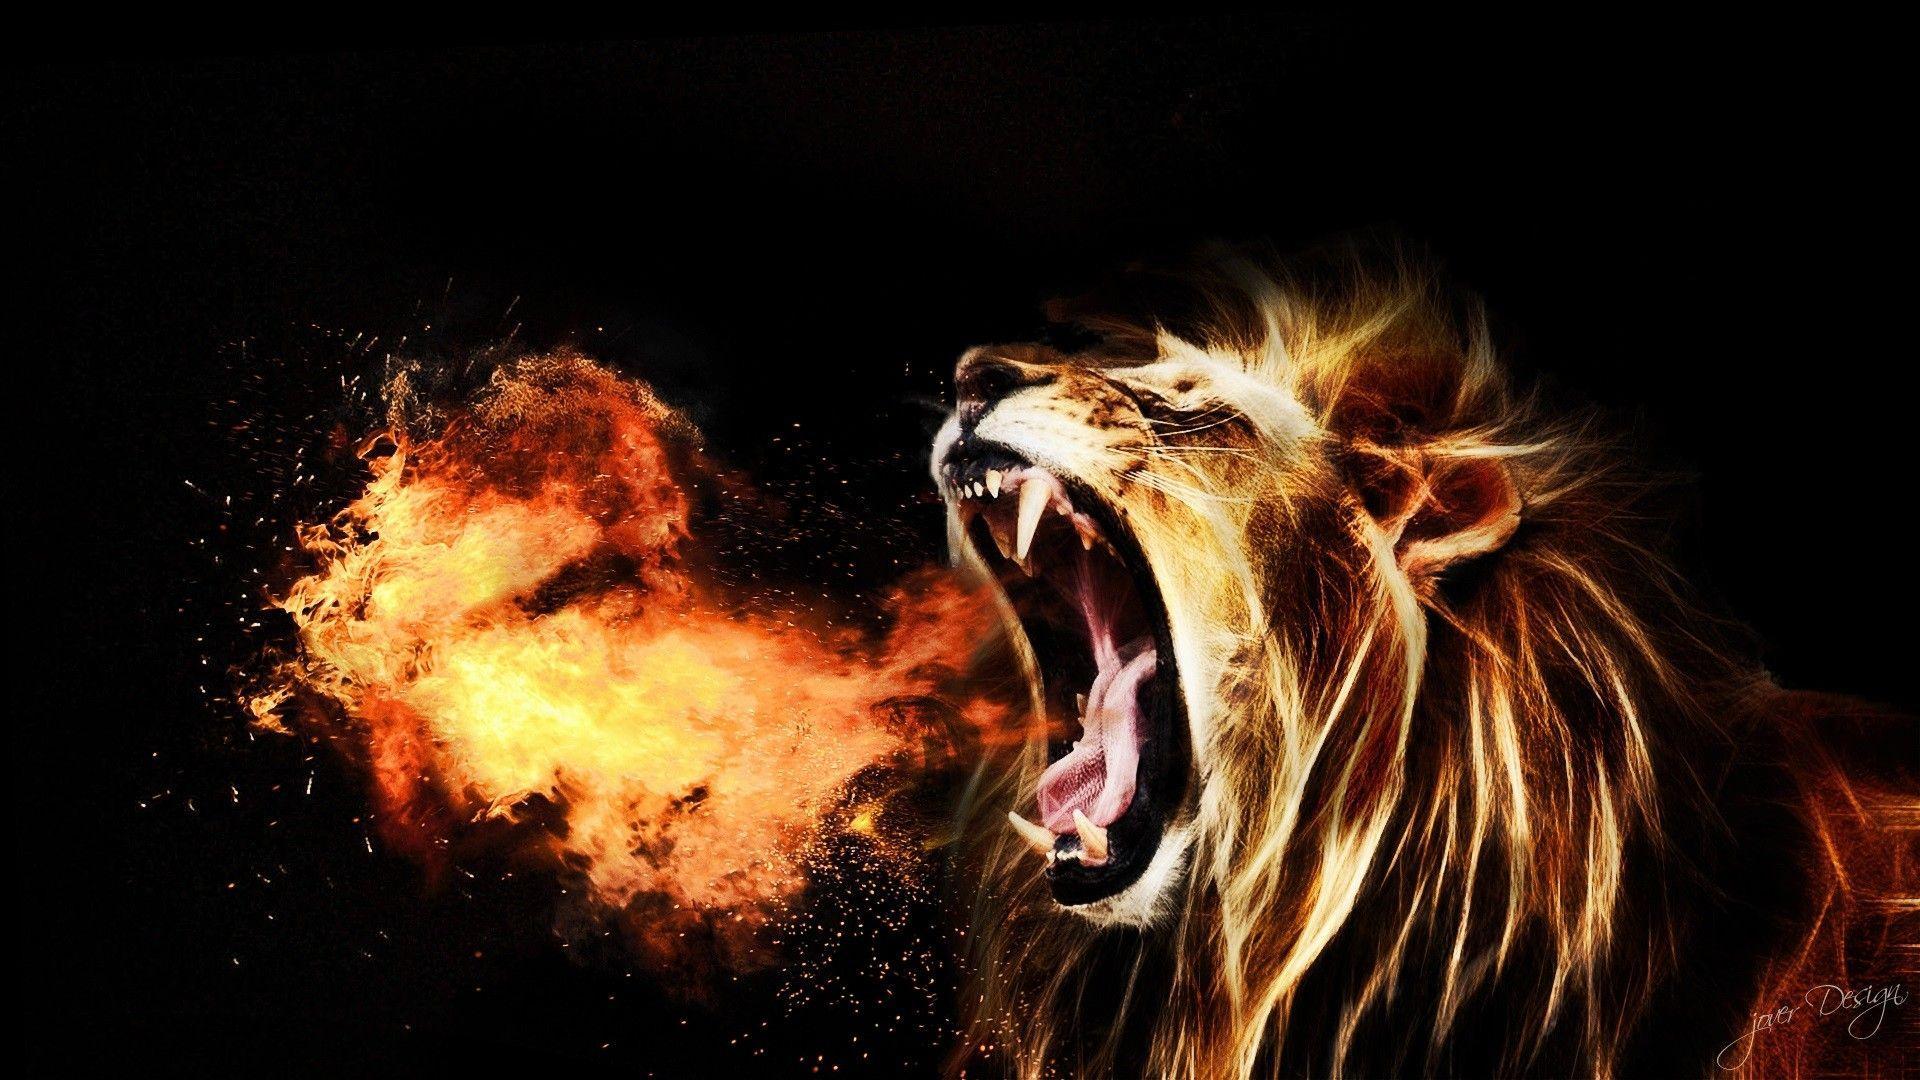 Lion Roar Free Download HD Wallpapers 3308